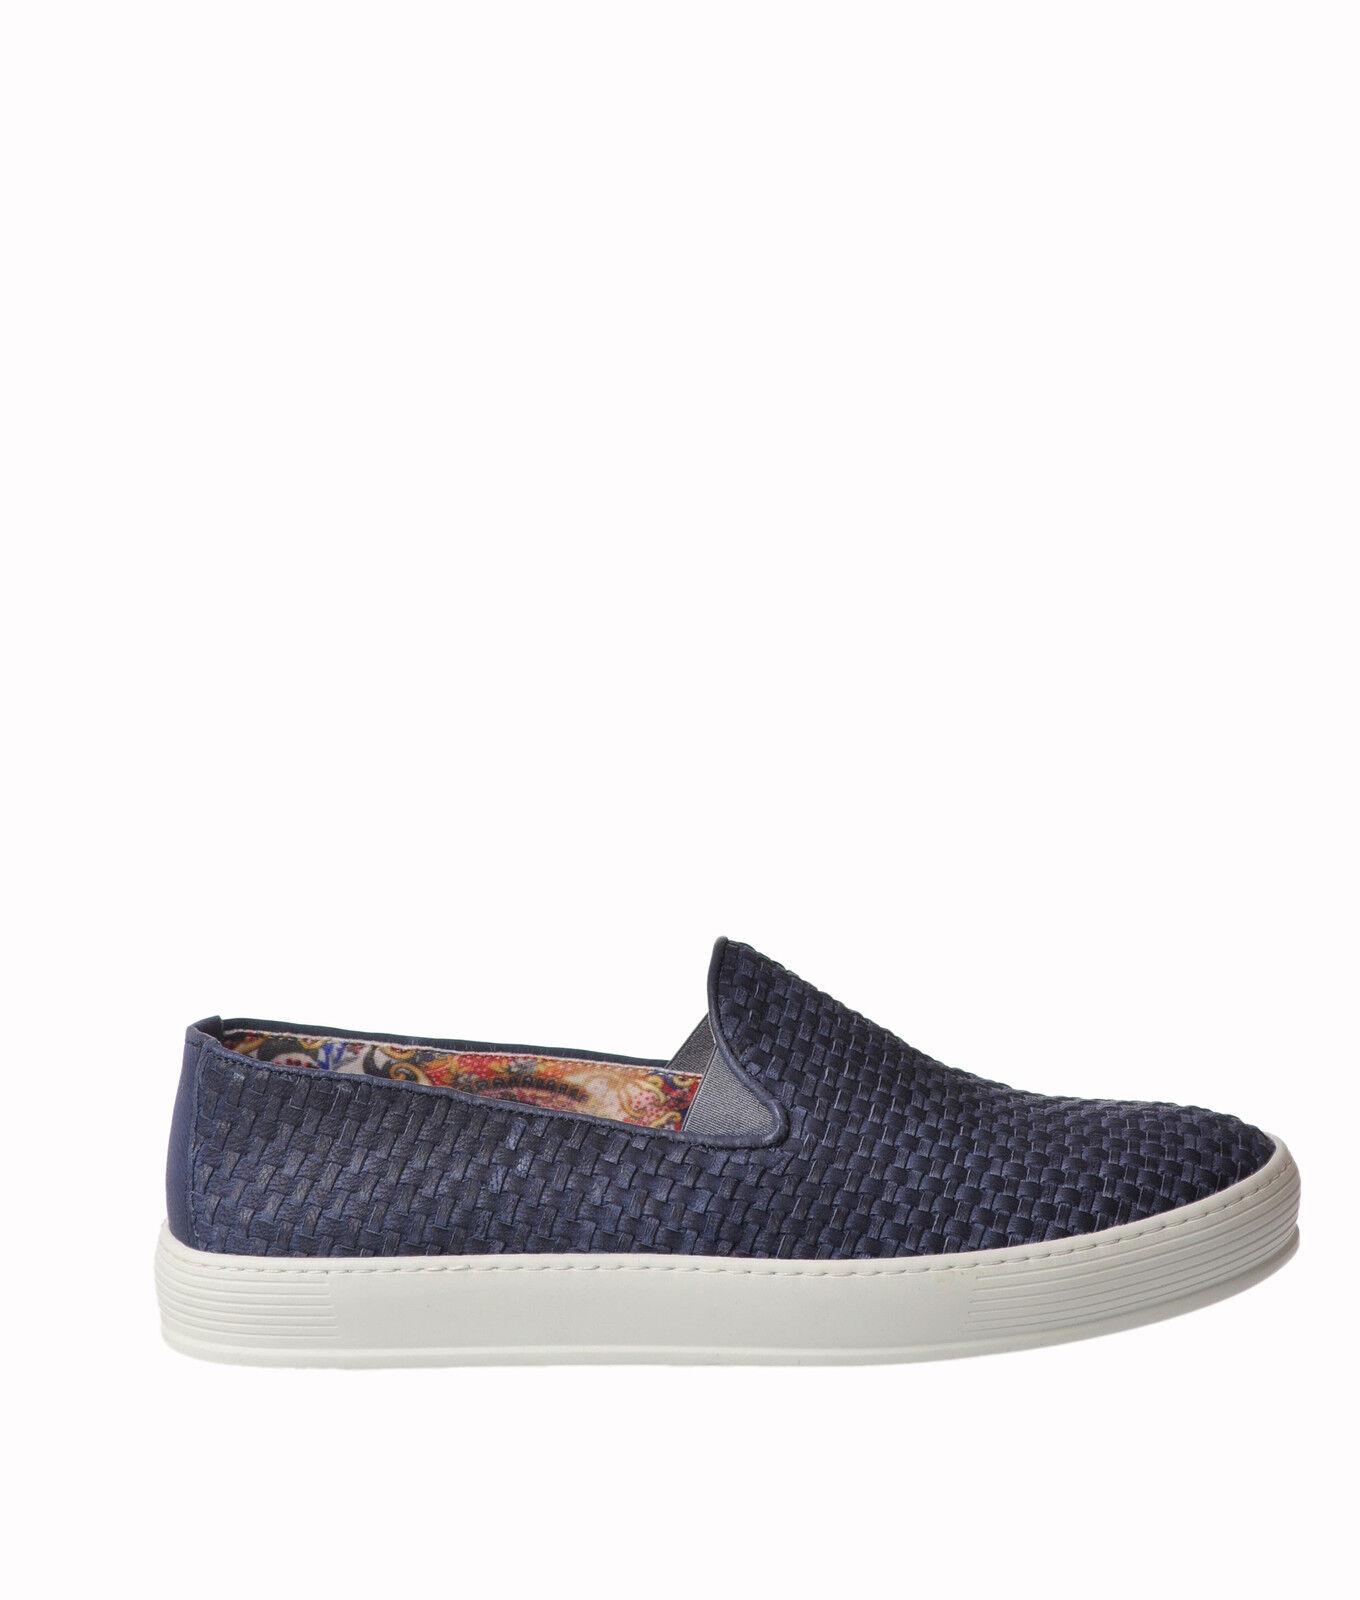 FLOW  -  scarpe da ginnastica - Male - blu - 3700527A184343